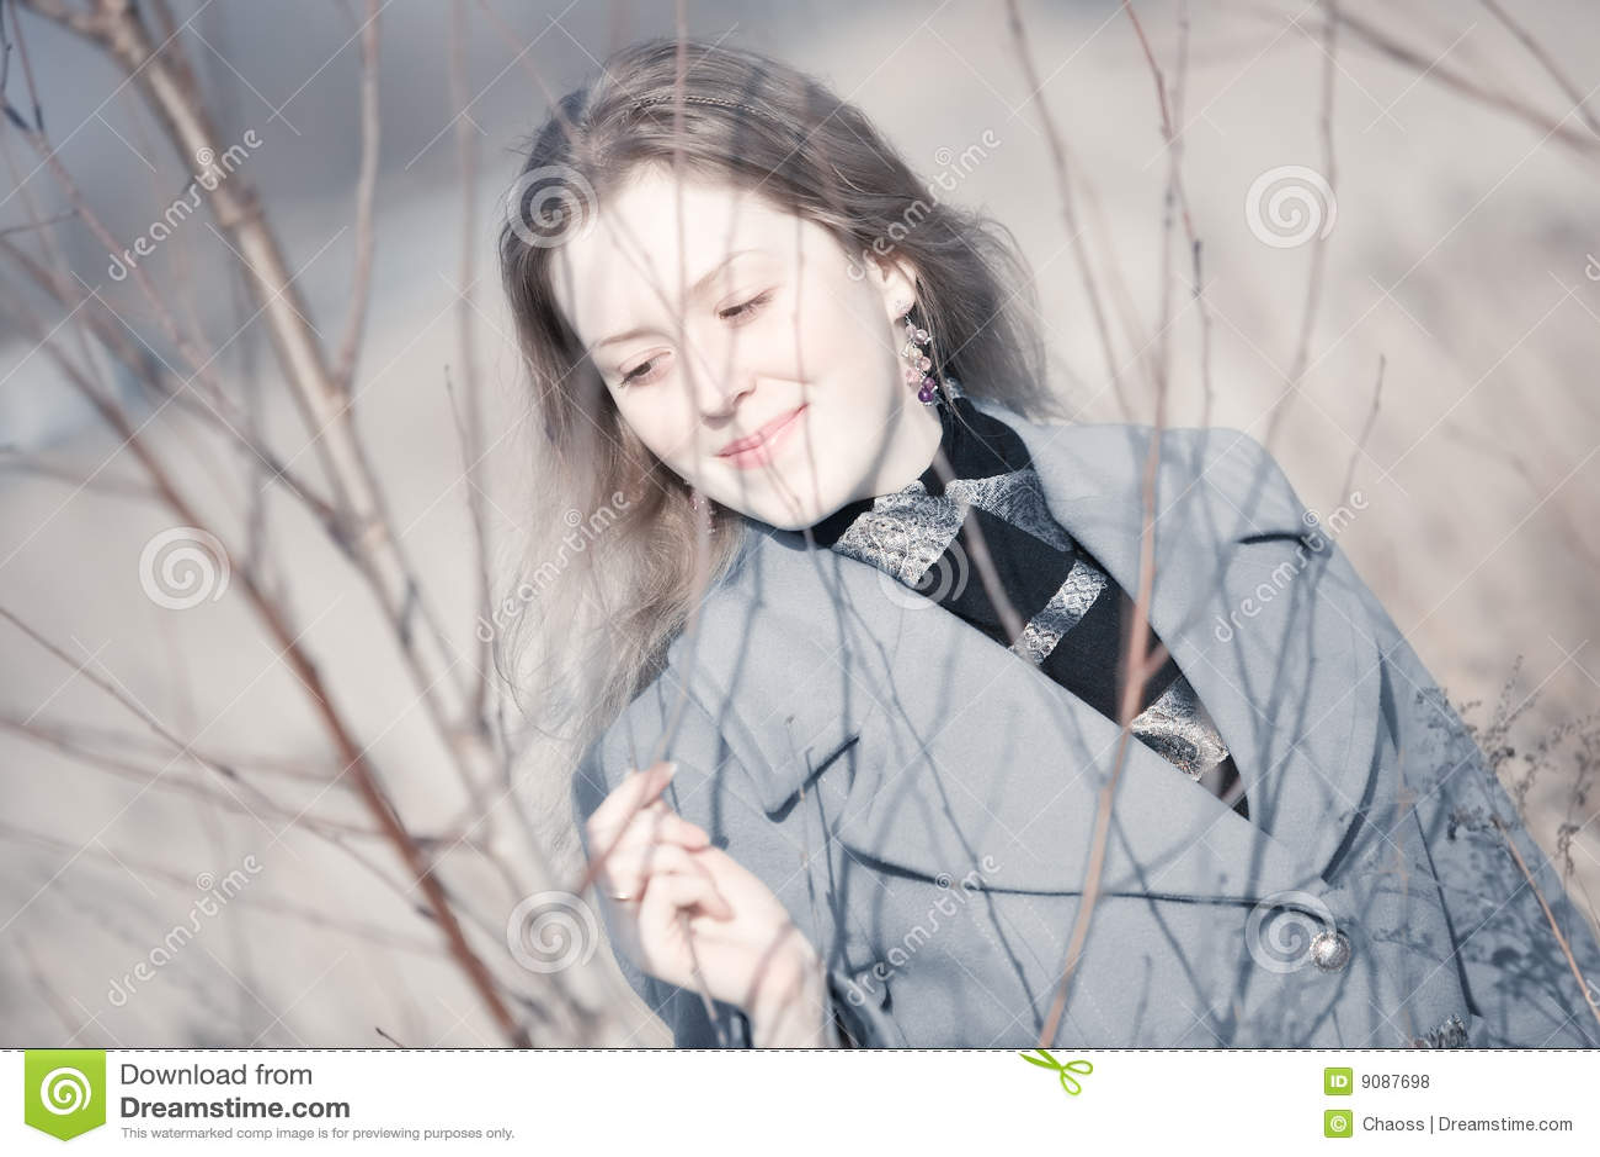 Portrait der jungen Frau draußen